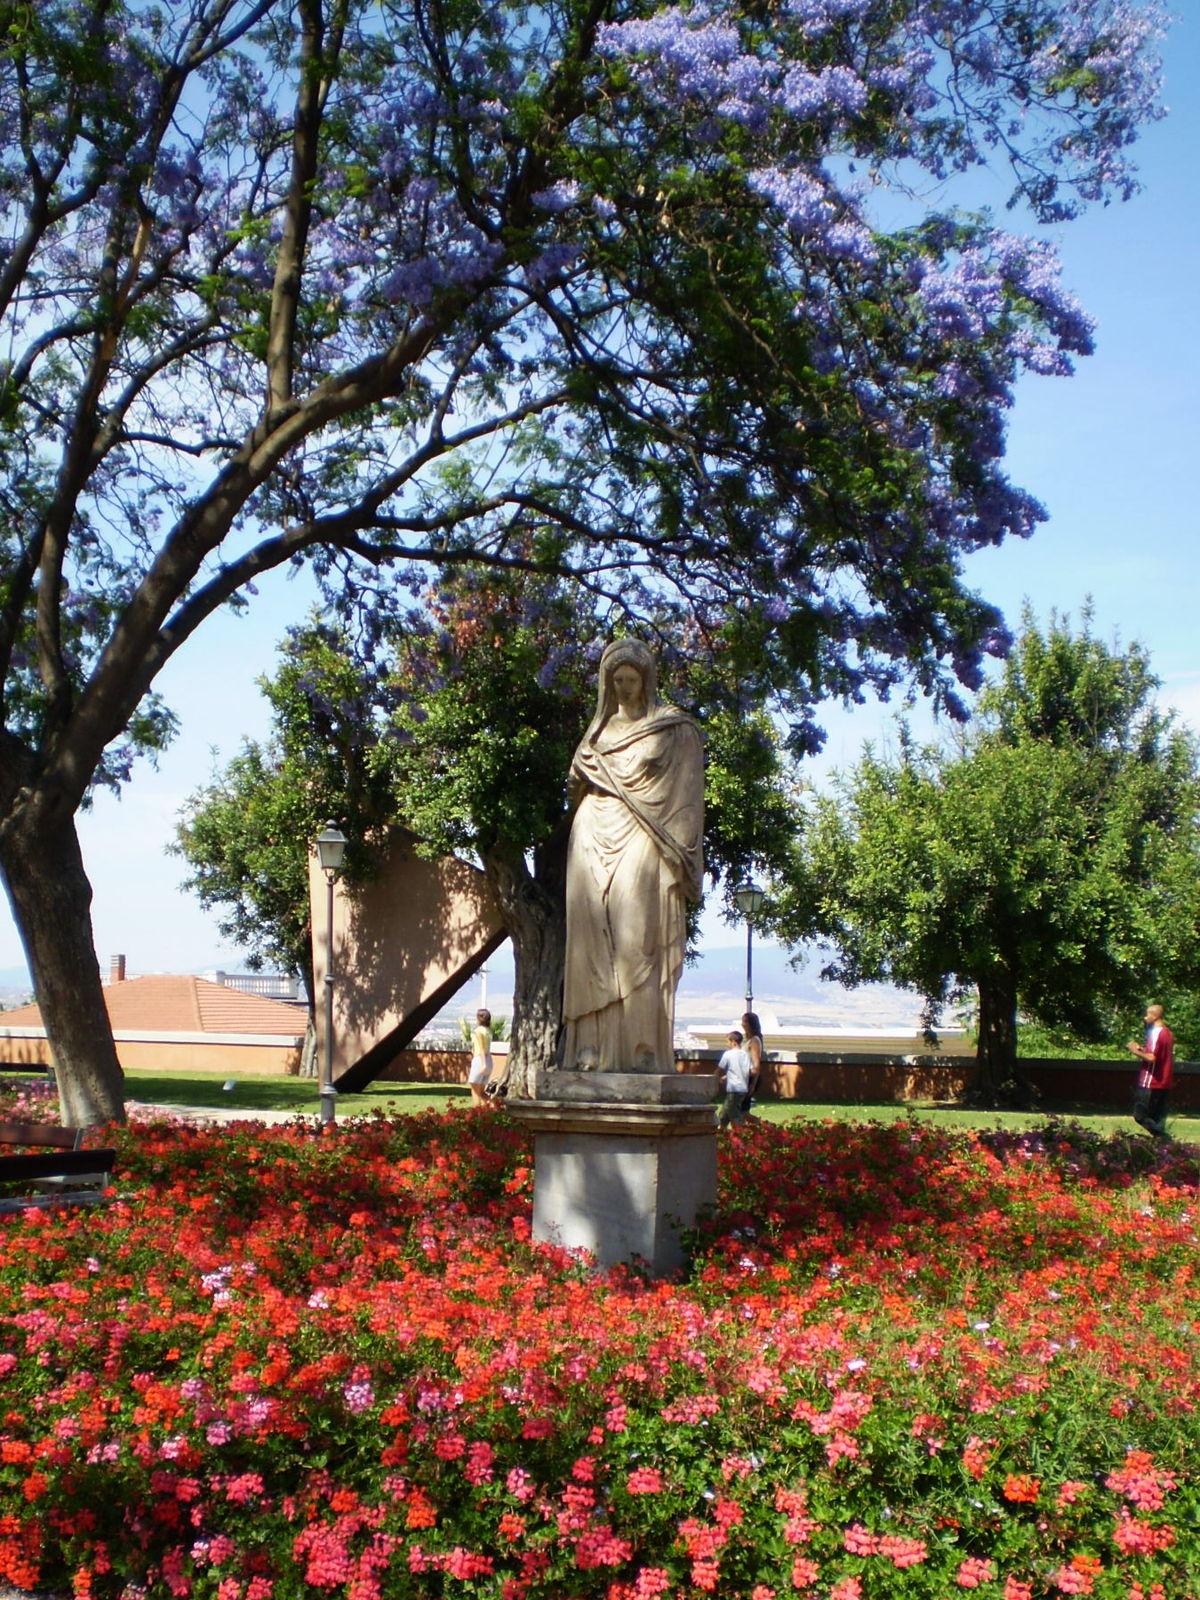 Giardini pubblici di Cagliari - Wikipedia